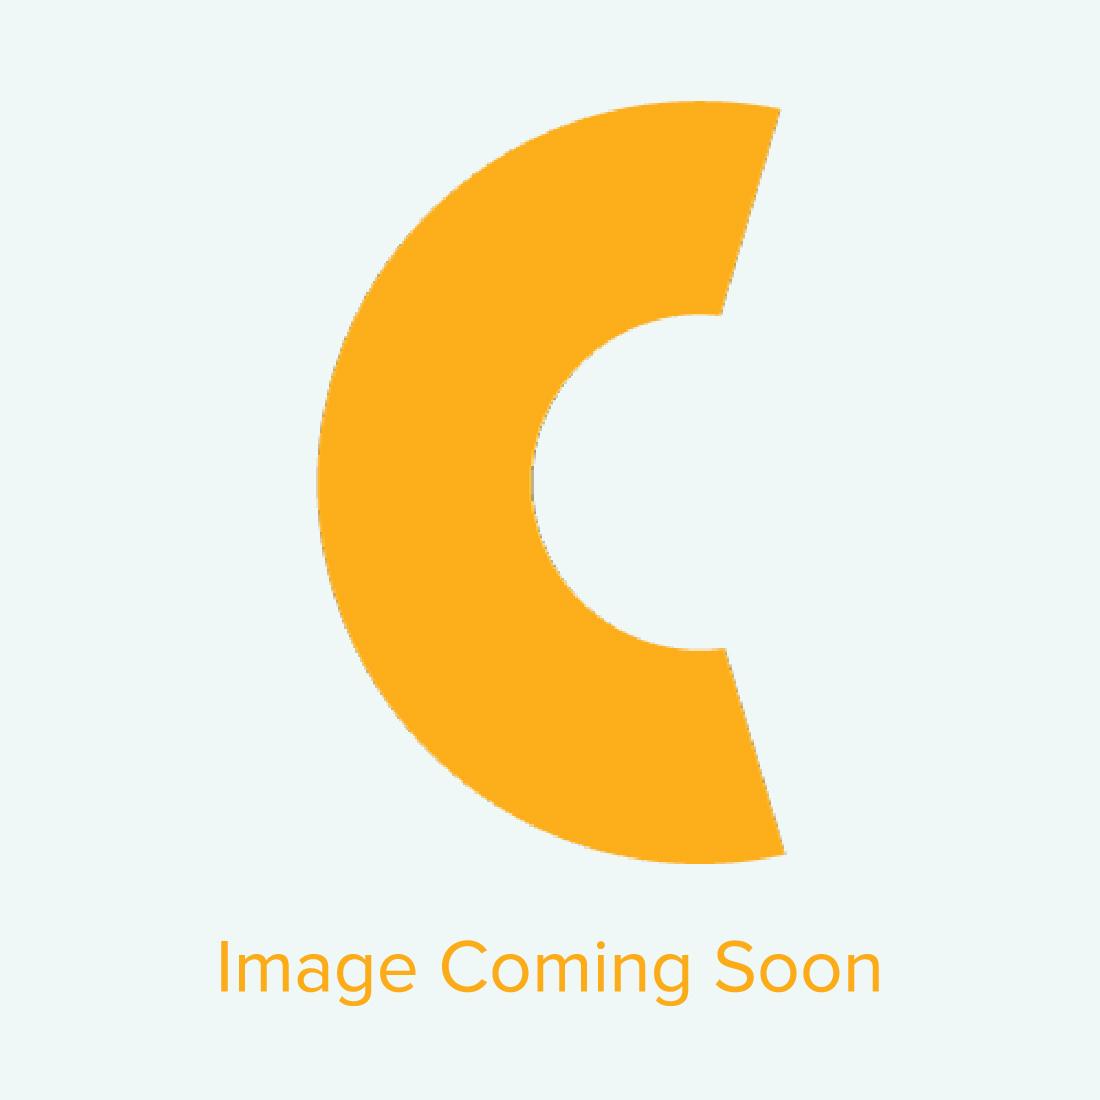 OKI Data C831TS Fusing Kit - Replacement Fuser Kit